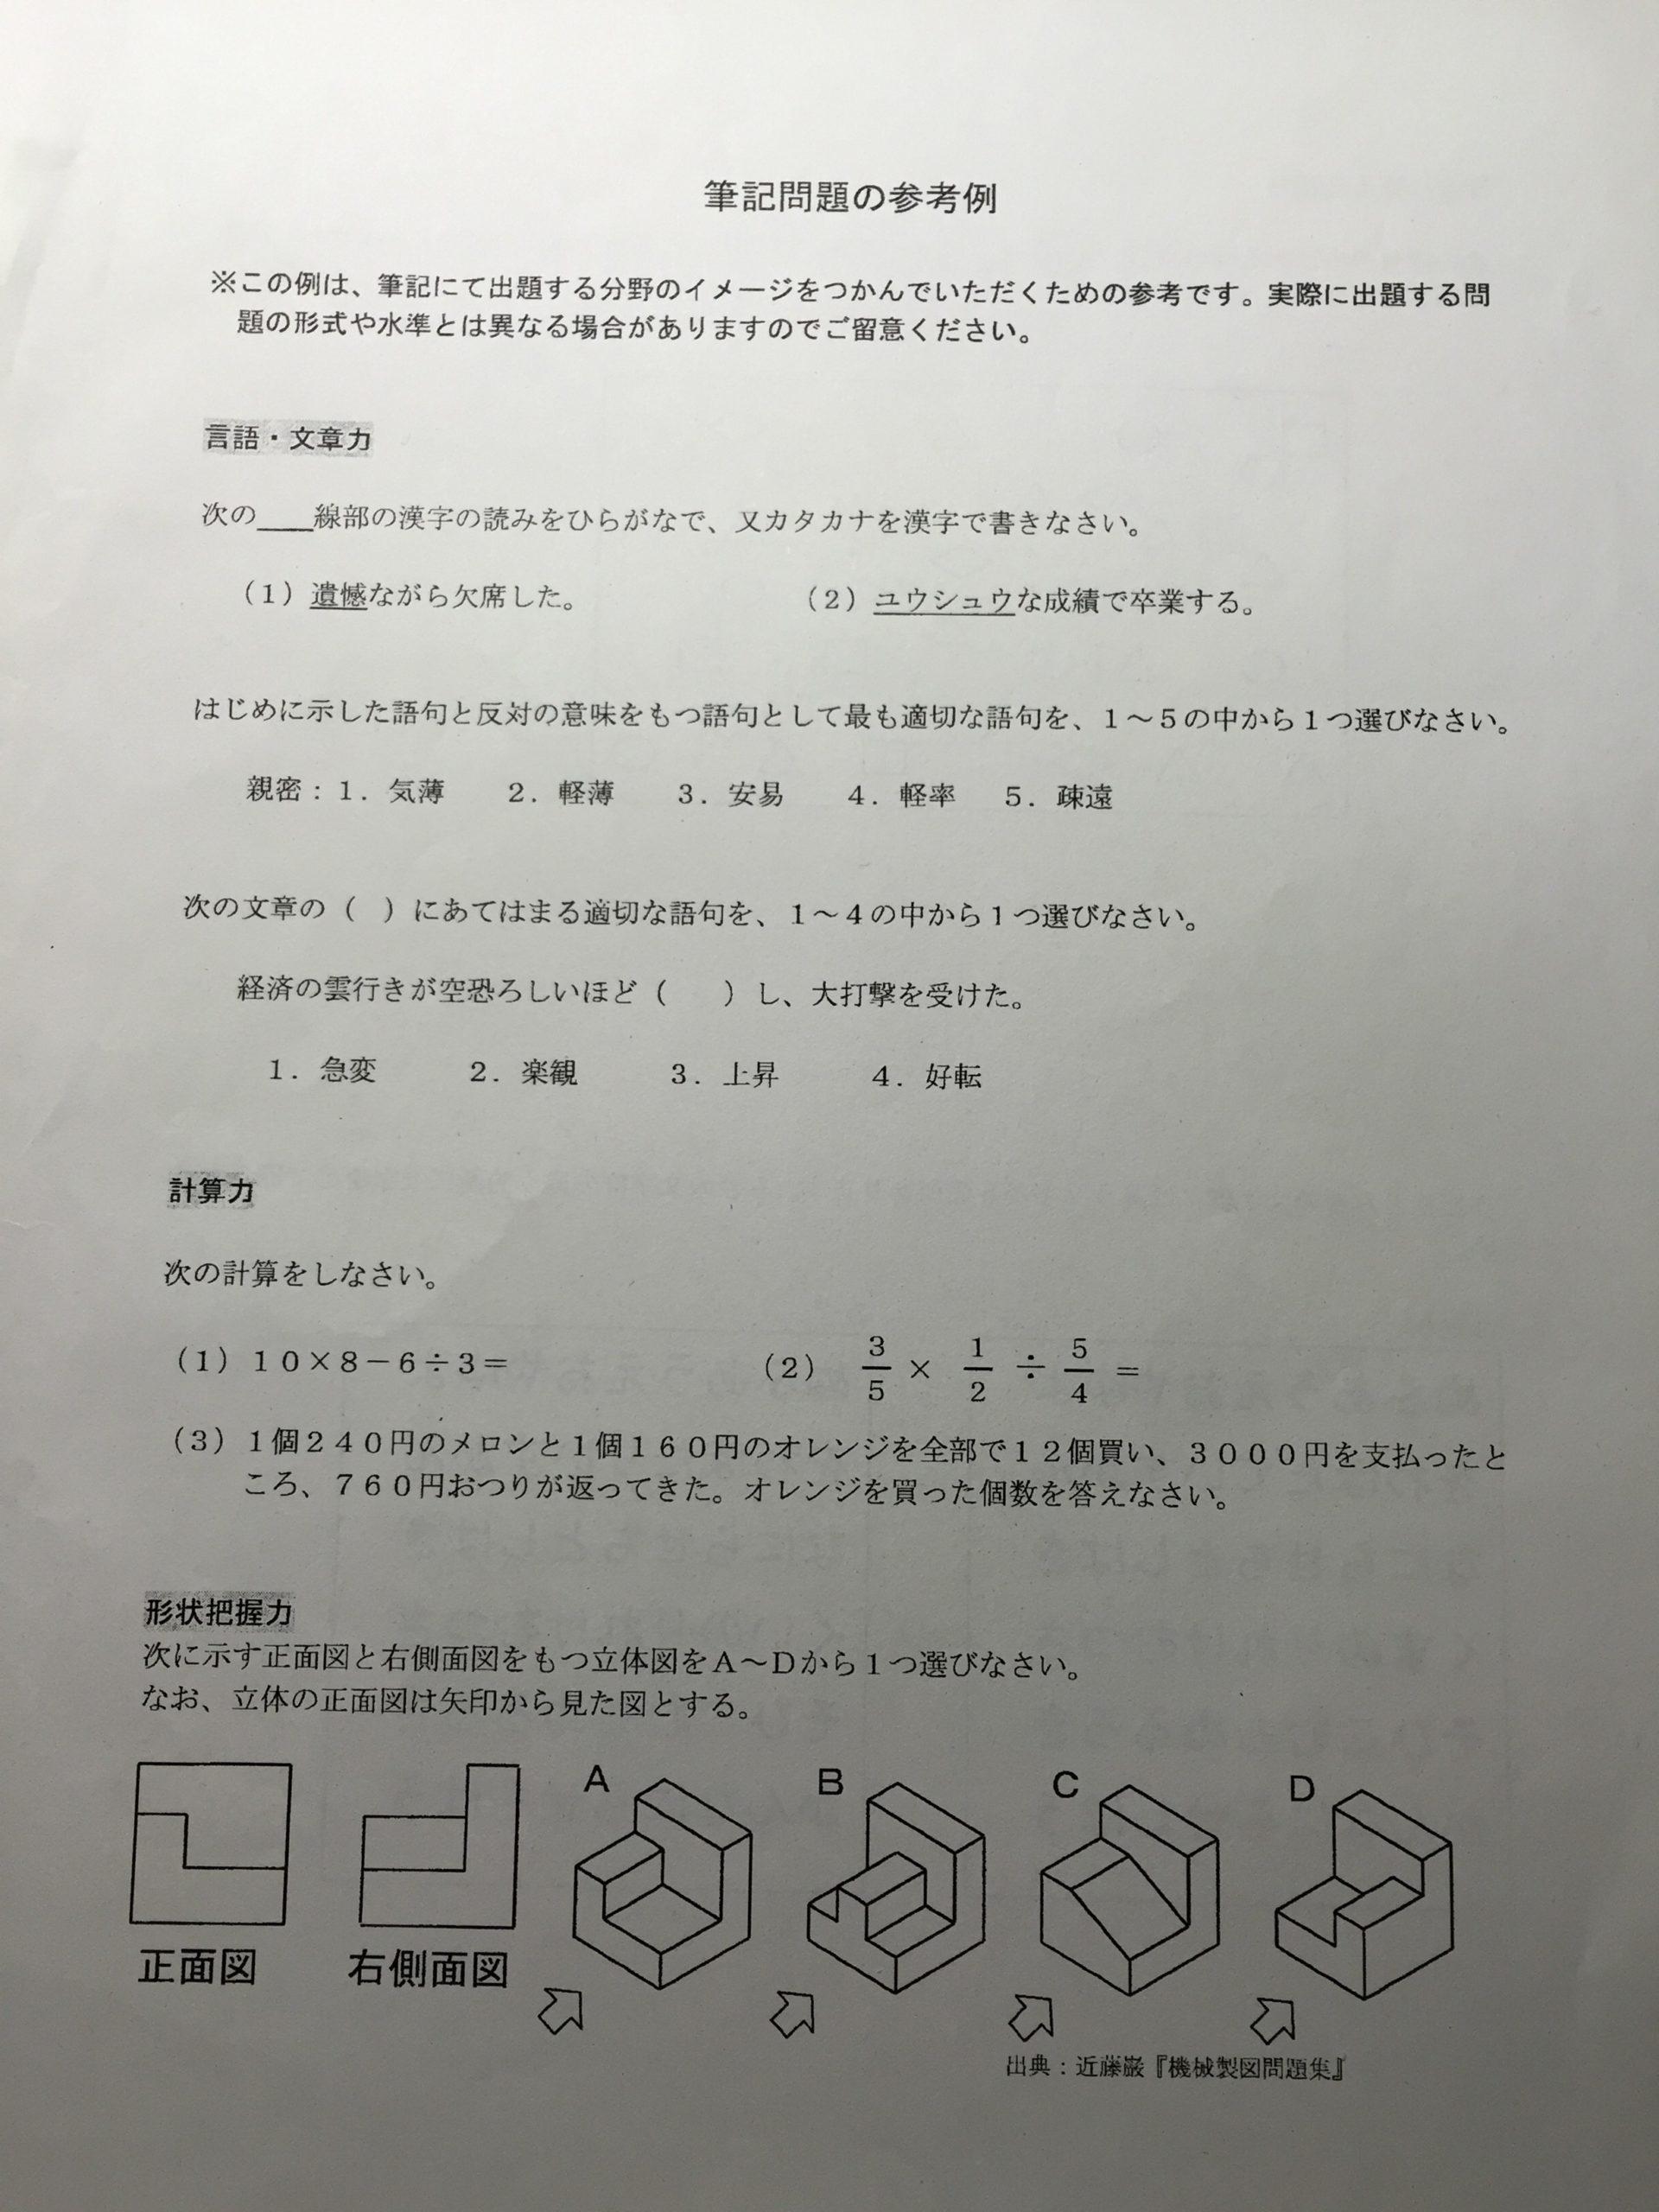 職業訓練筆記問題の参考例1